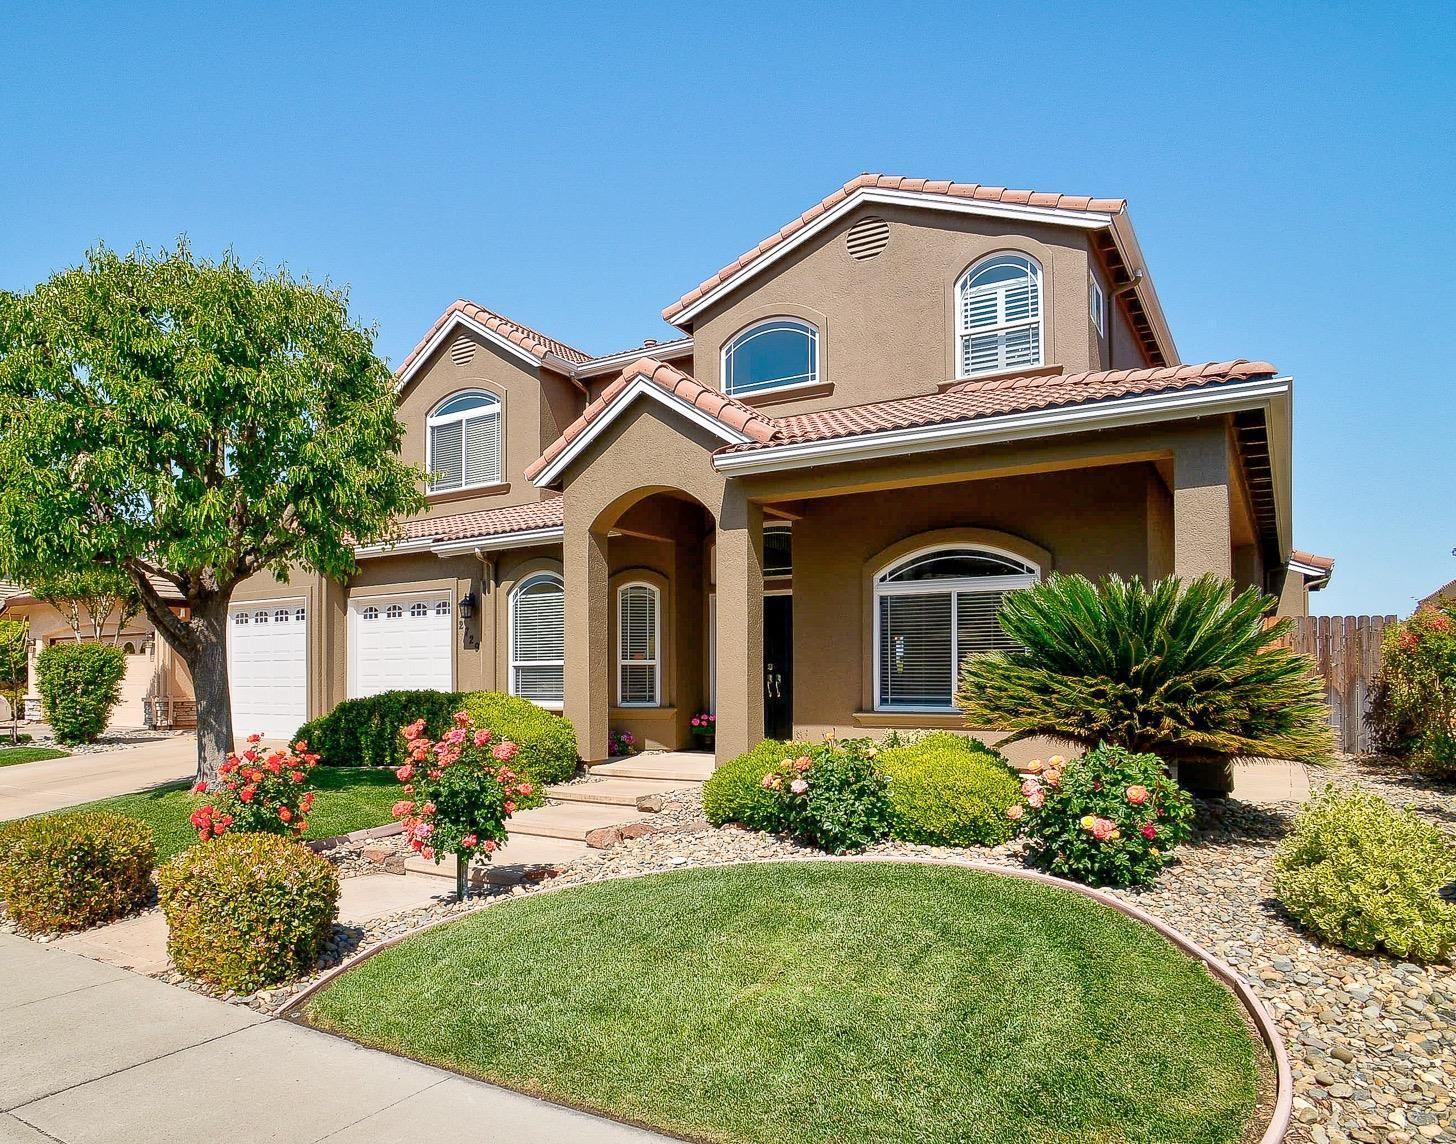 Photo of 2729 Rockwell Drive, Davis, CA 95618 (MLS # 221035757)